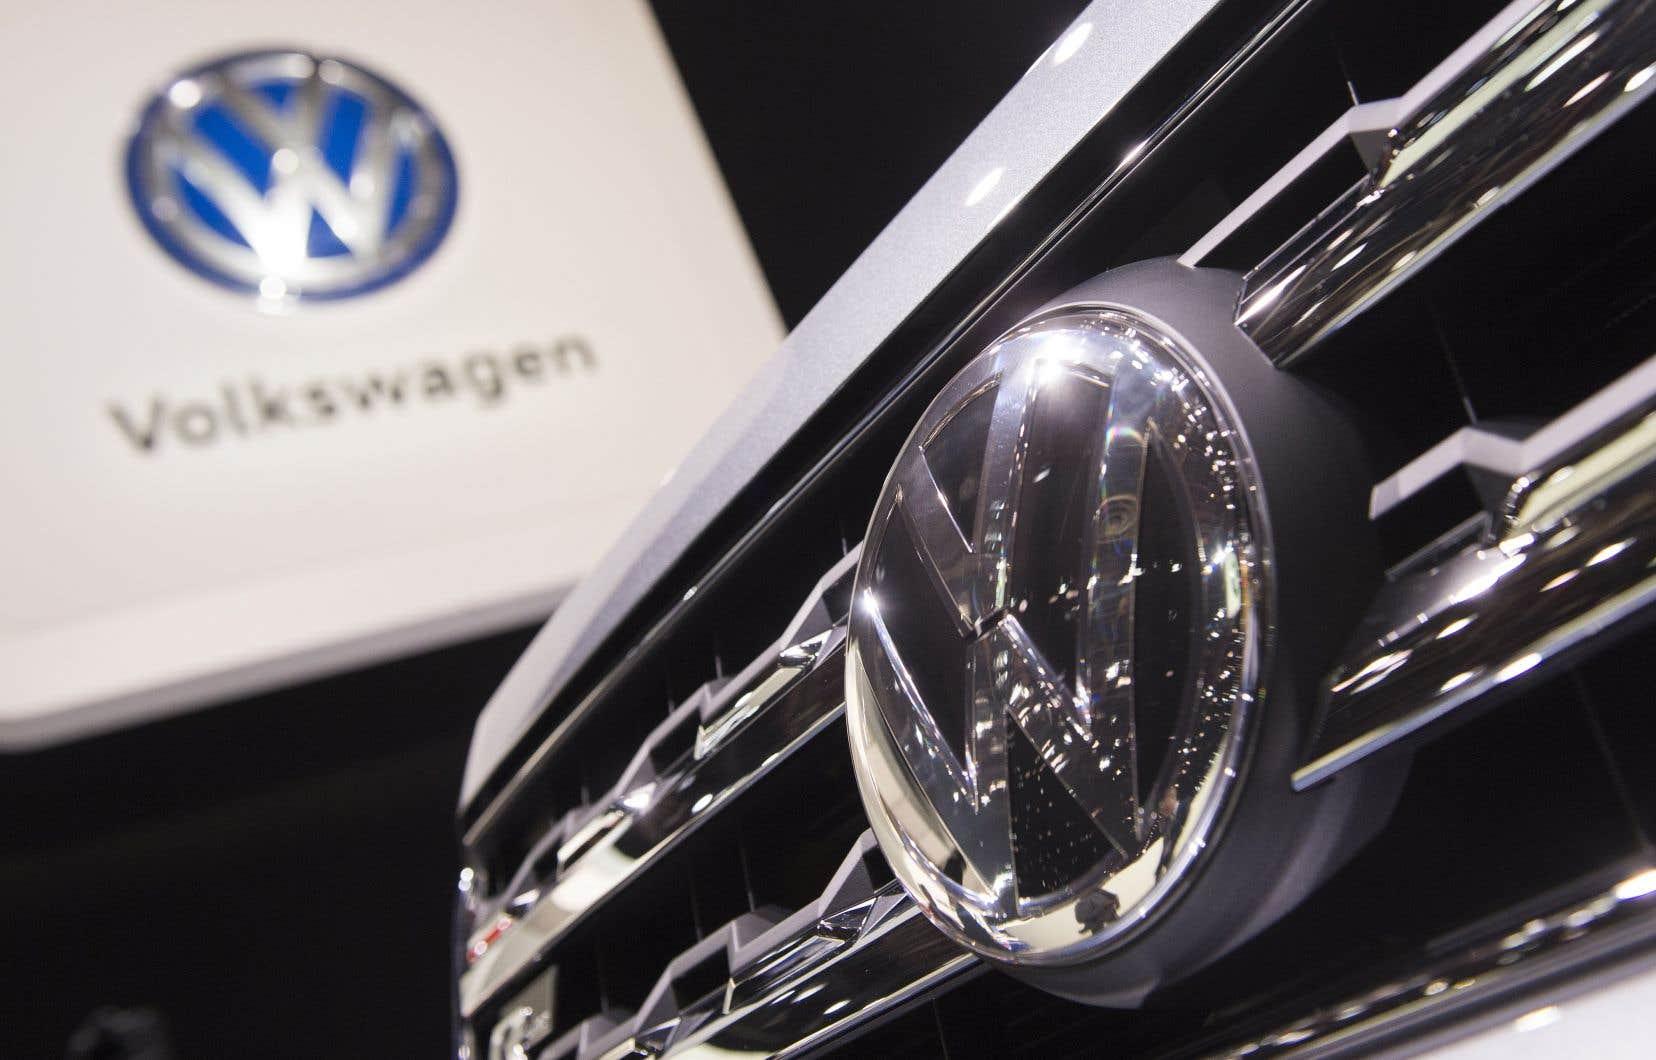 Si l'action contre Volkswagen et Audi est ultérieurement accordée, chaque Québécois pourrait obtenir 35$ comme dommages punitifs.